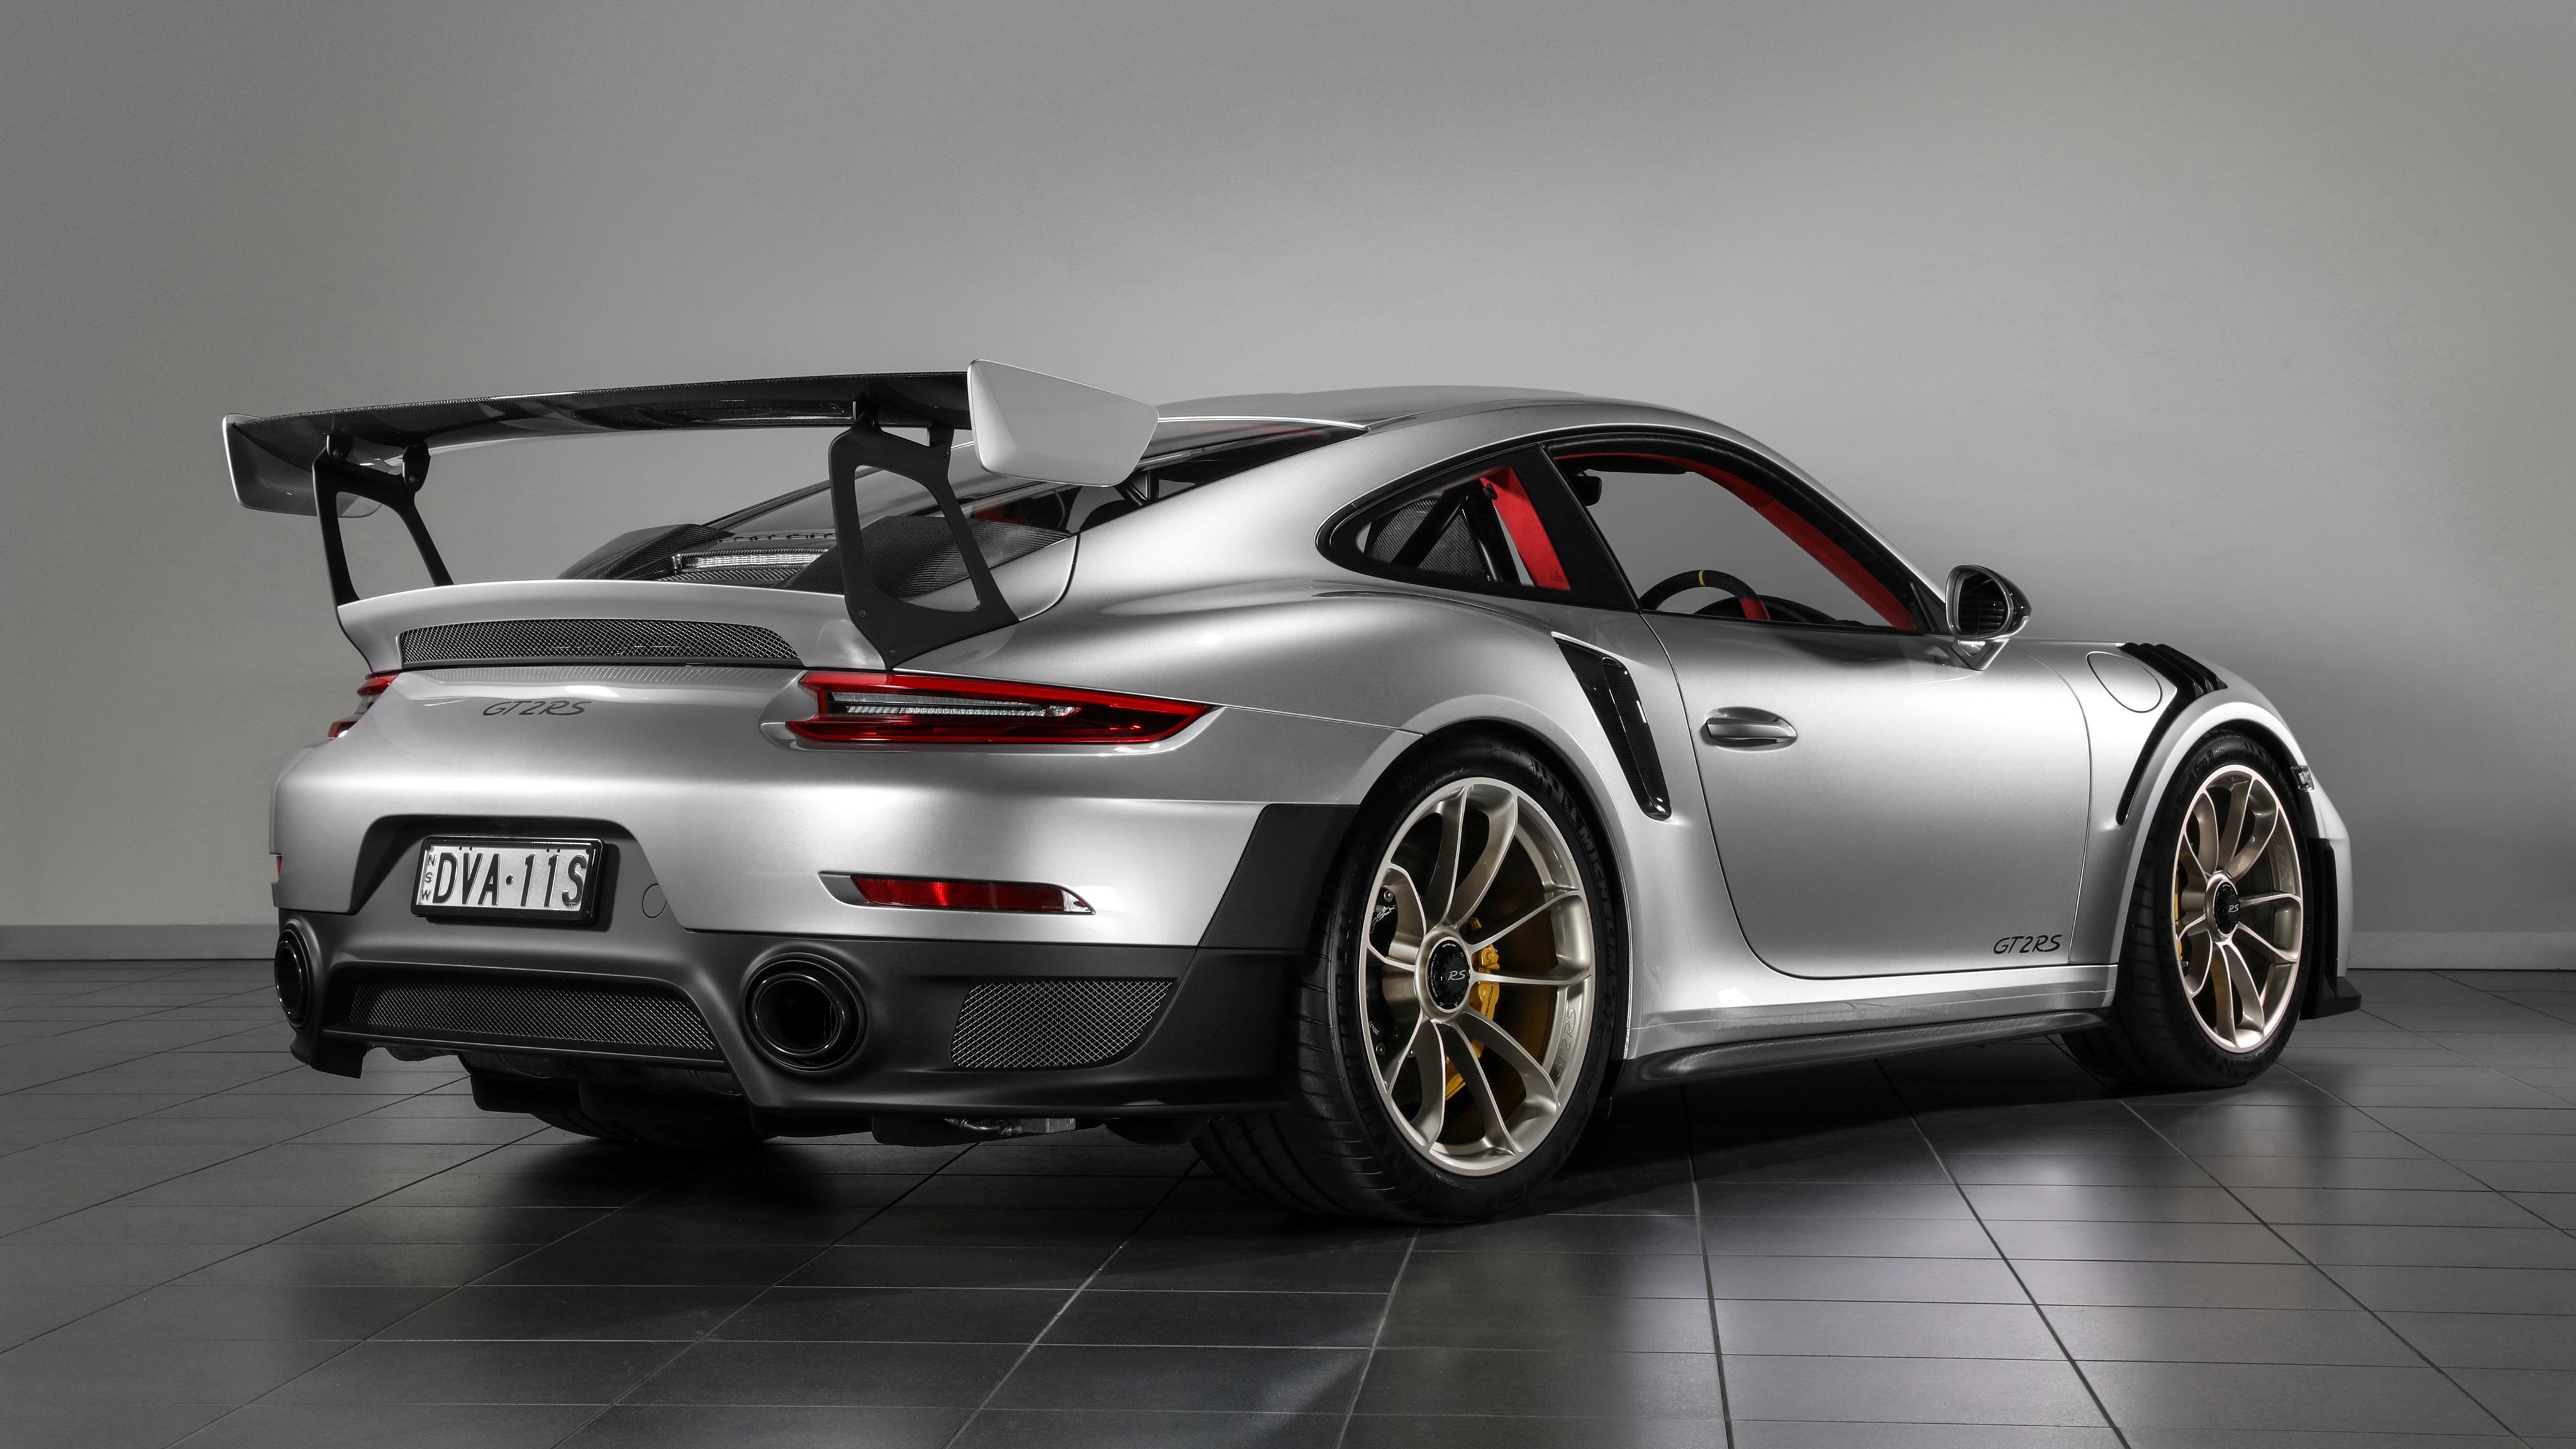 4k Car Wallpaper Koenigsegg Rs 2018 Porsche 911 Gt2 Rs 4k 4 Wallpaper Hd Car Wallpapers